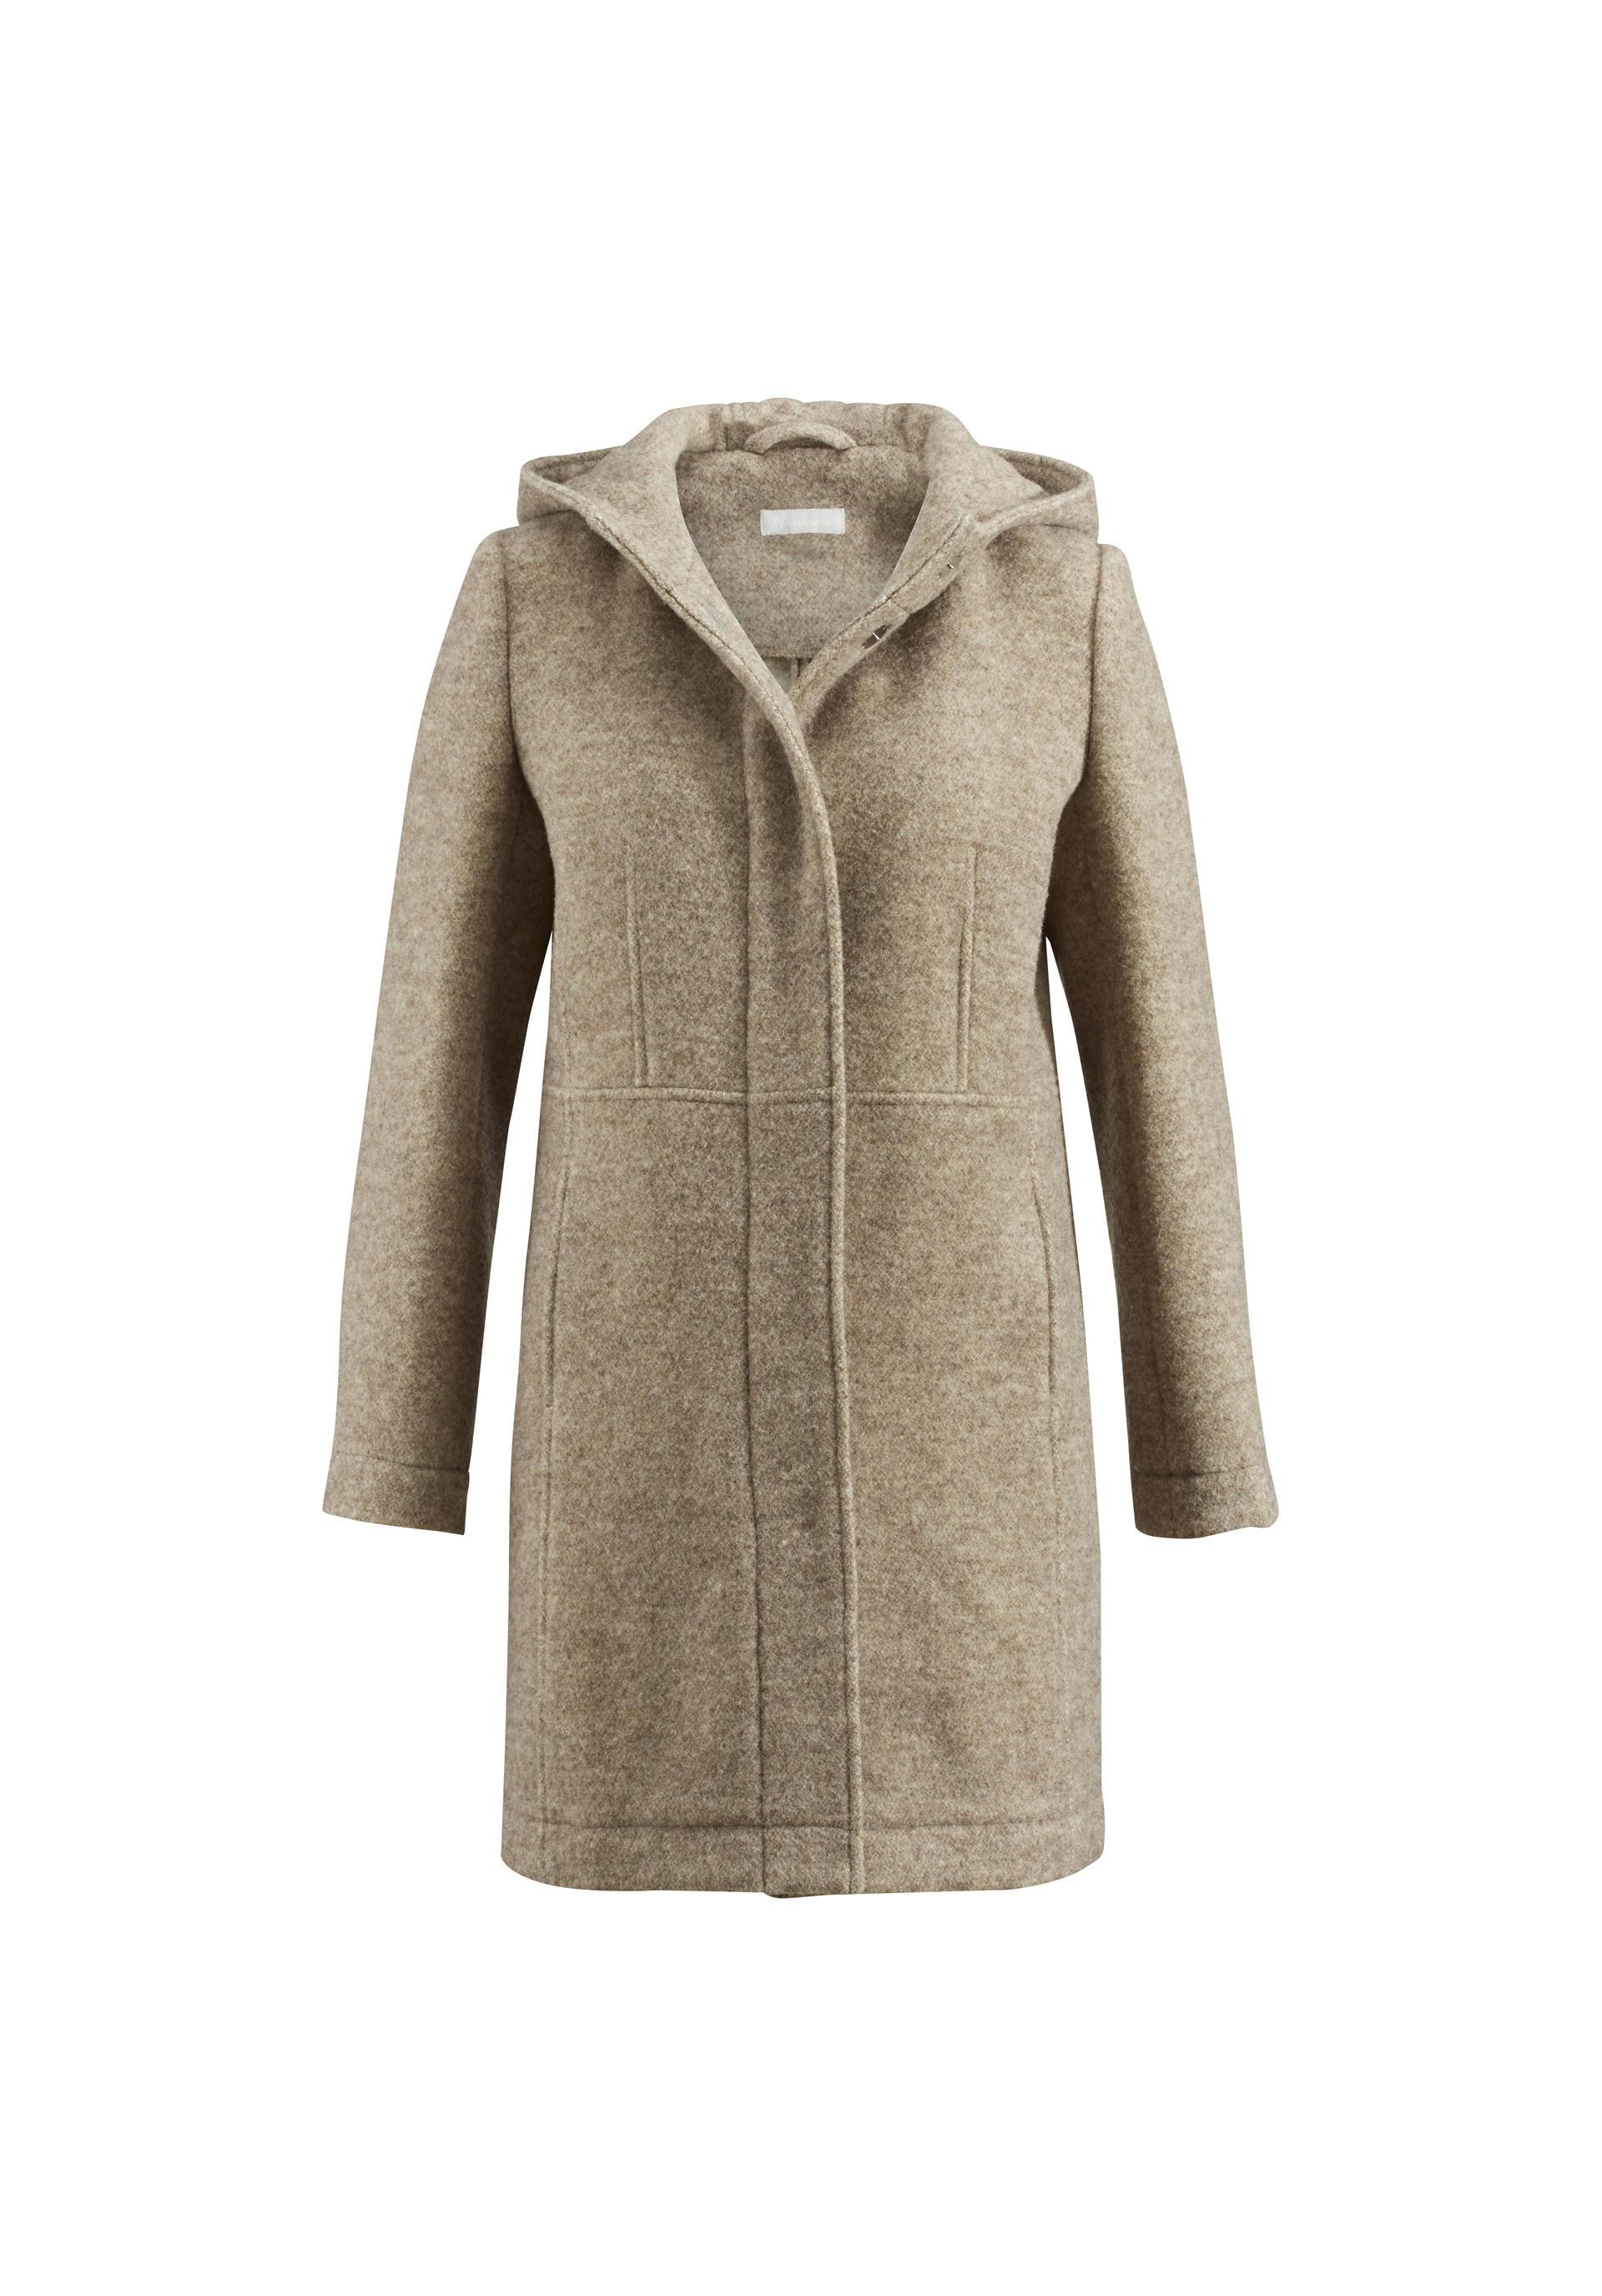 Mantel aus reiner Schurwolle vom Rhönschaf - hessnatur Schweiz 01ec7ddbe2